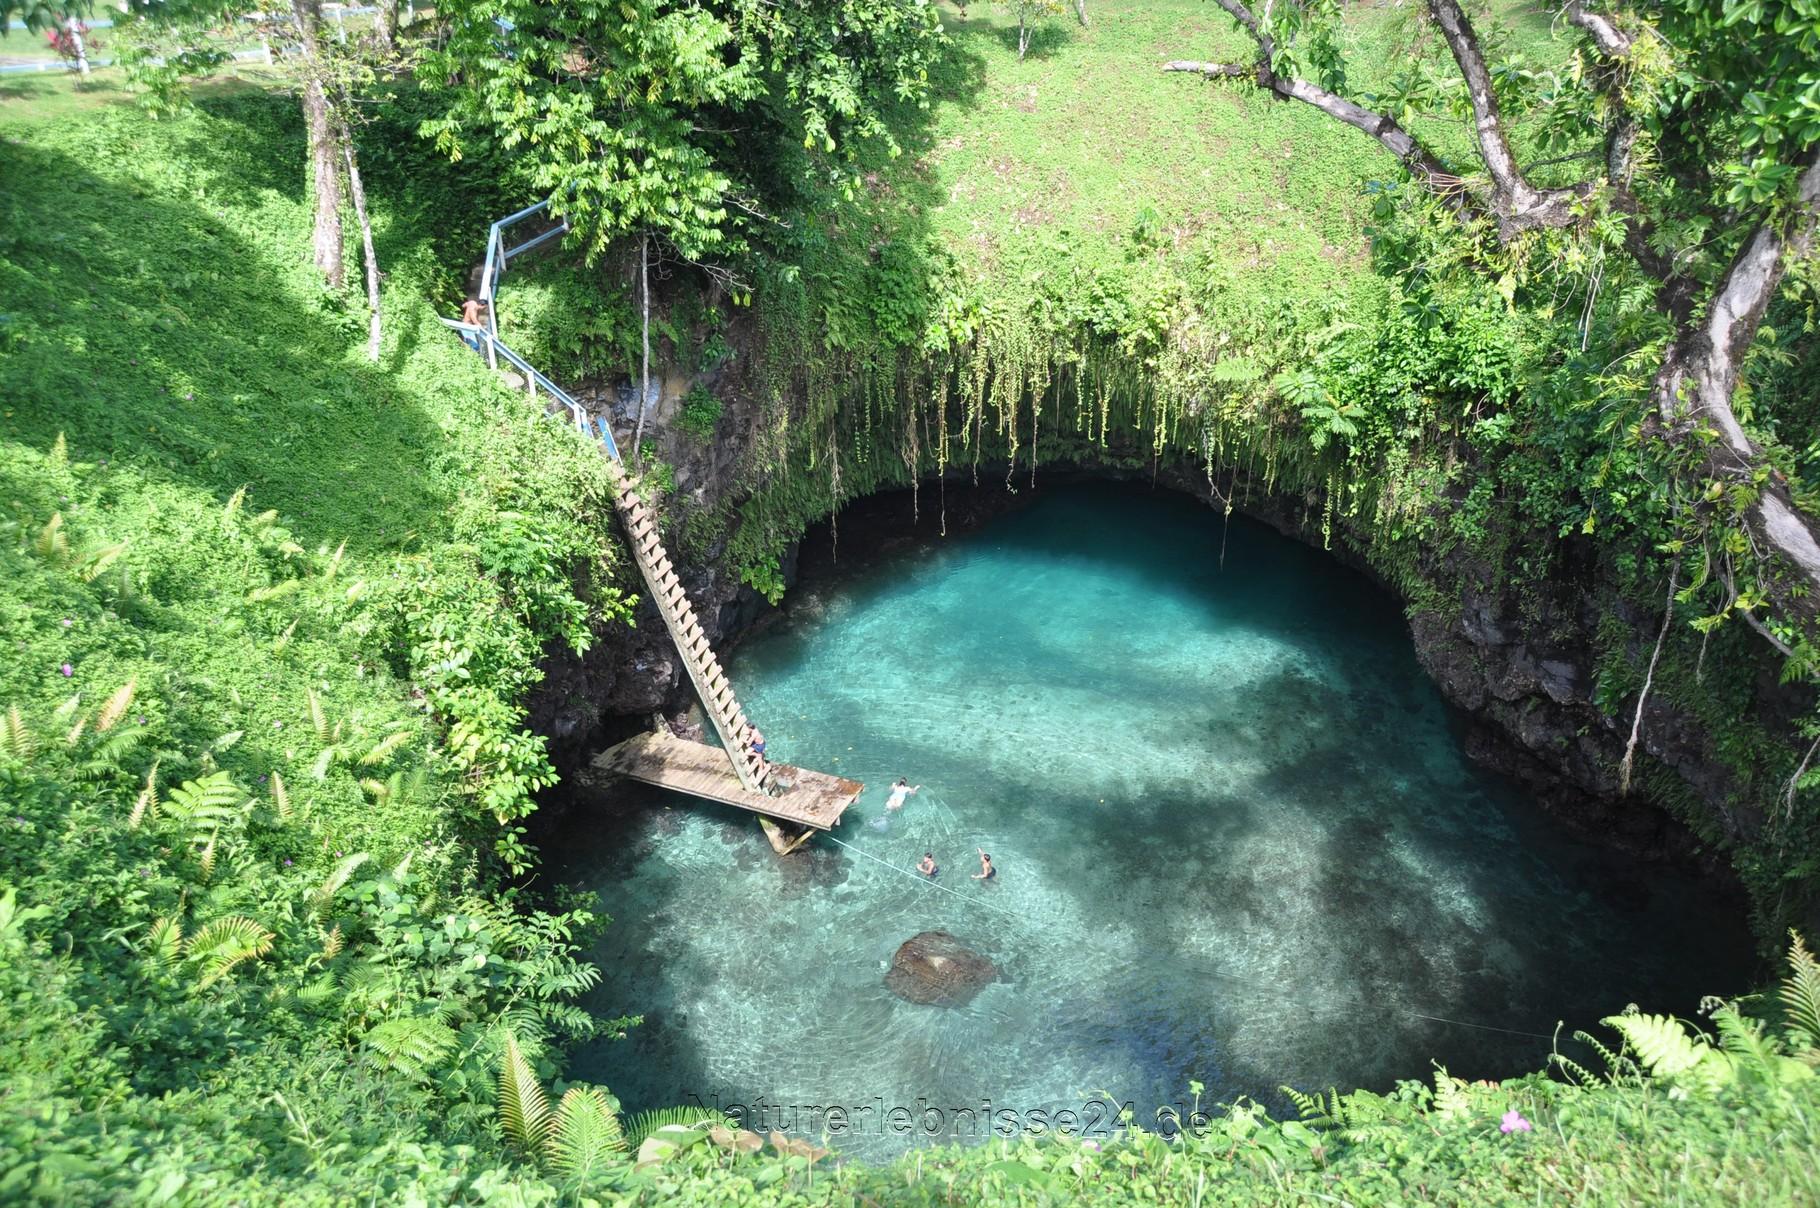 Im Krater baden